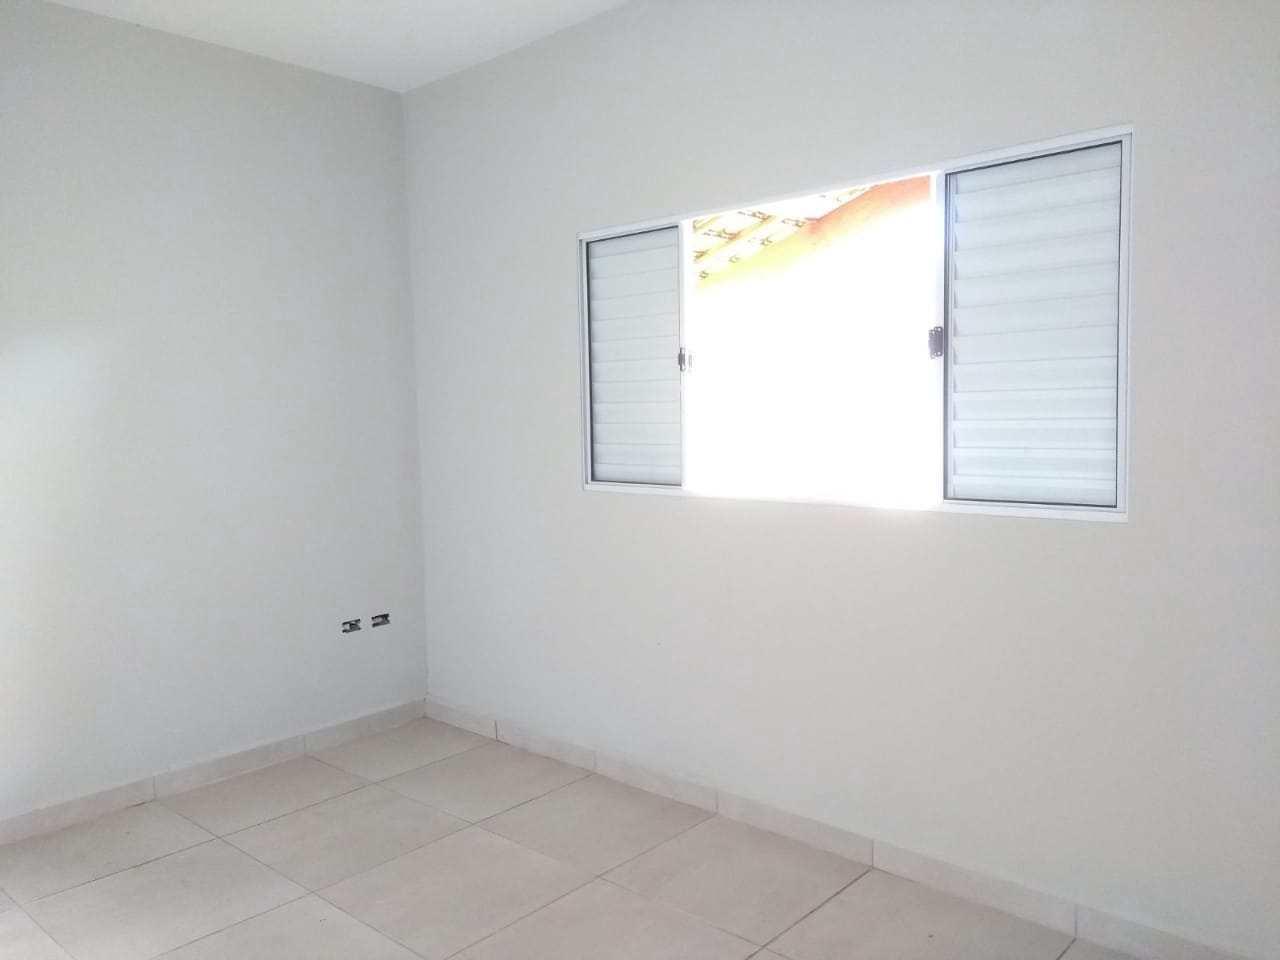 Casa com 2 dorms, Agenor de Campos, Mongaguá - R$ 190 mil, Cod: 279333